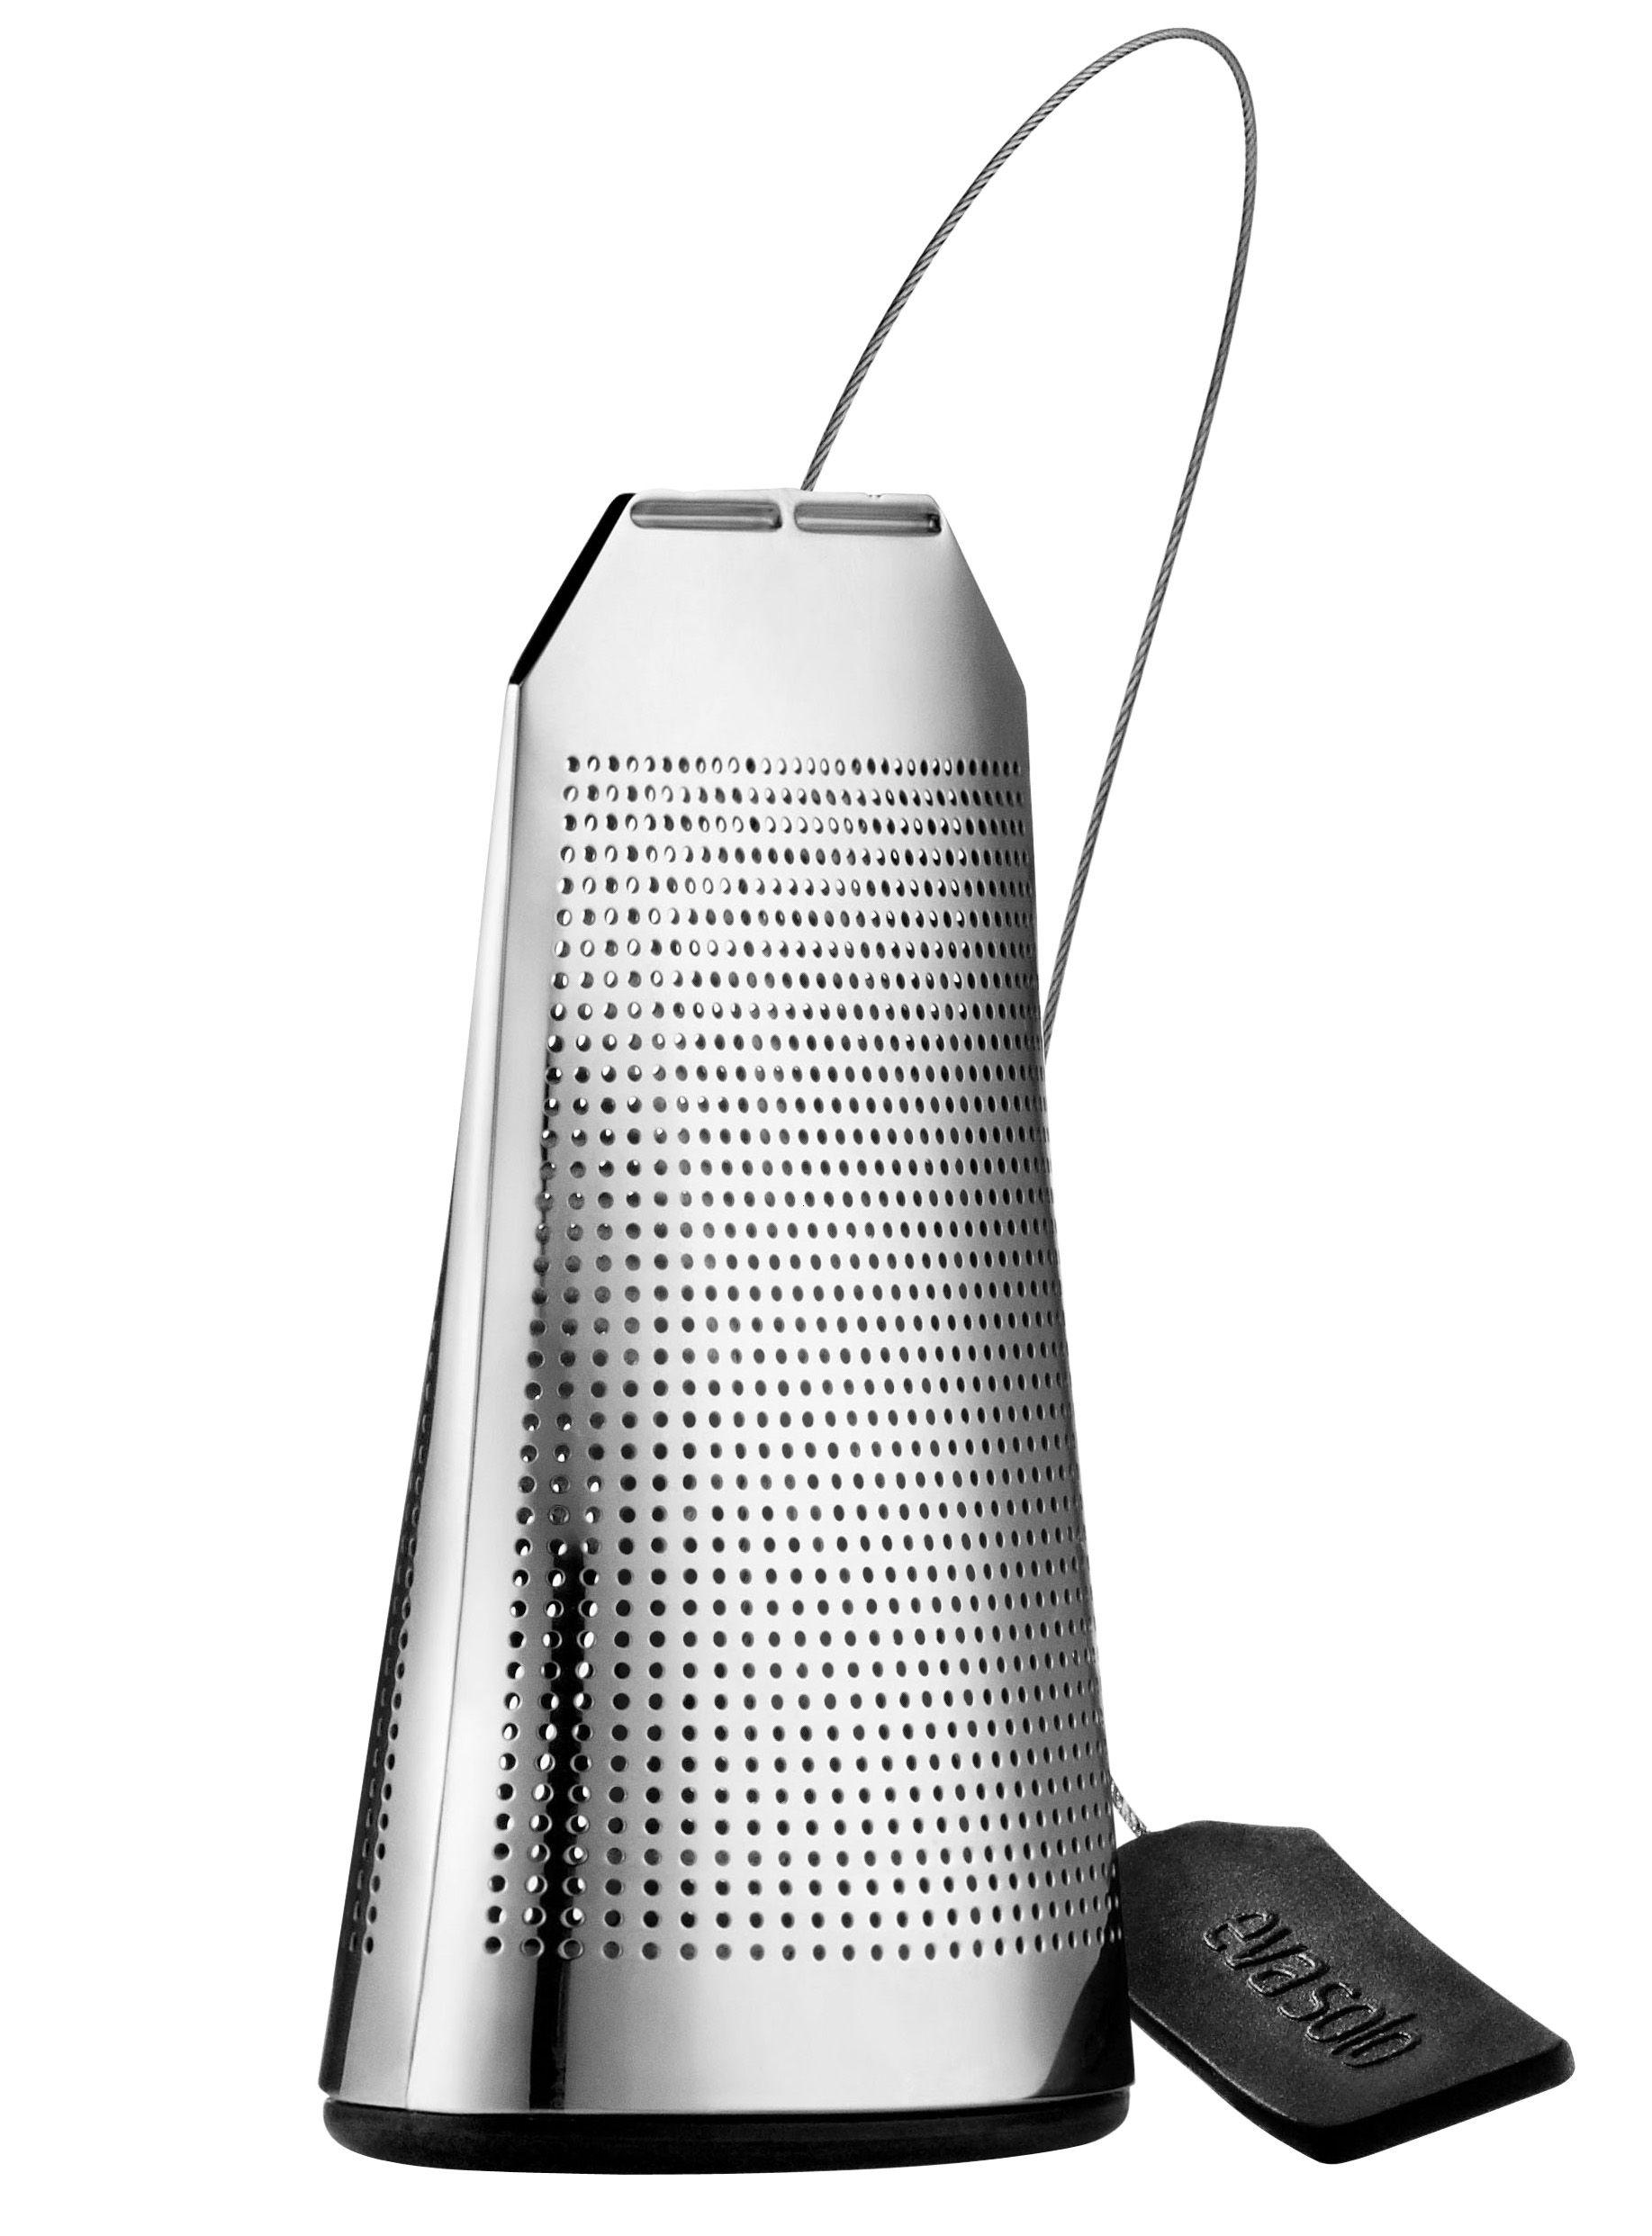 Tavola - Caffè - Filtro da tè Tea Bag - / modello grande di Eva Solo - Acciaio - Acciaio inossidabile, Silicone